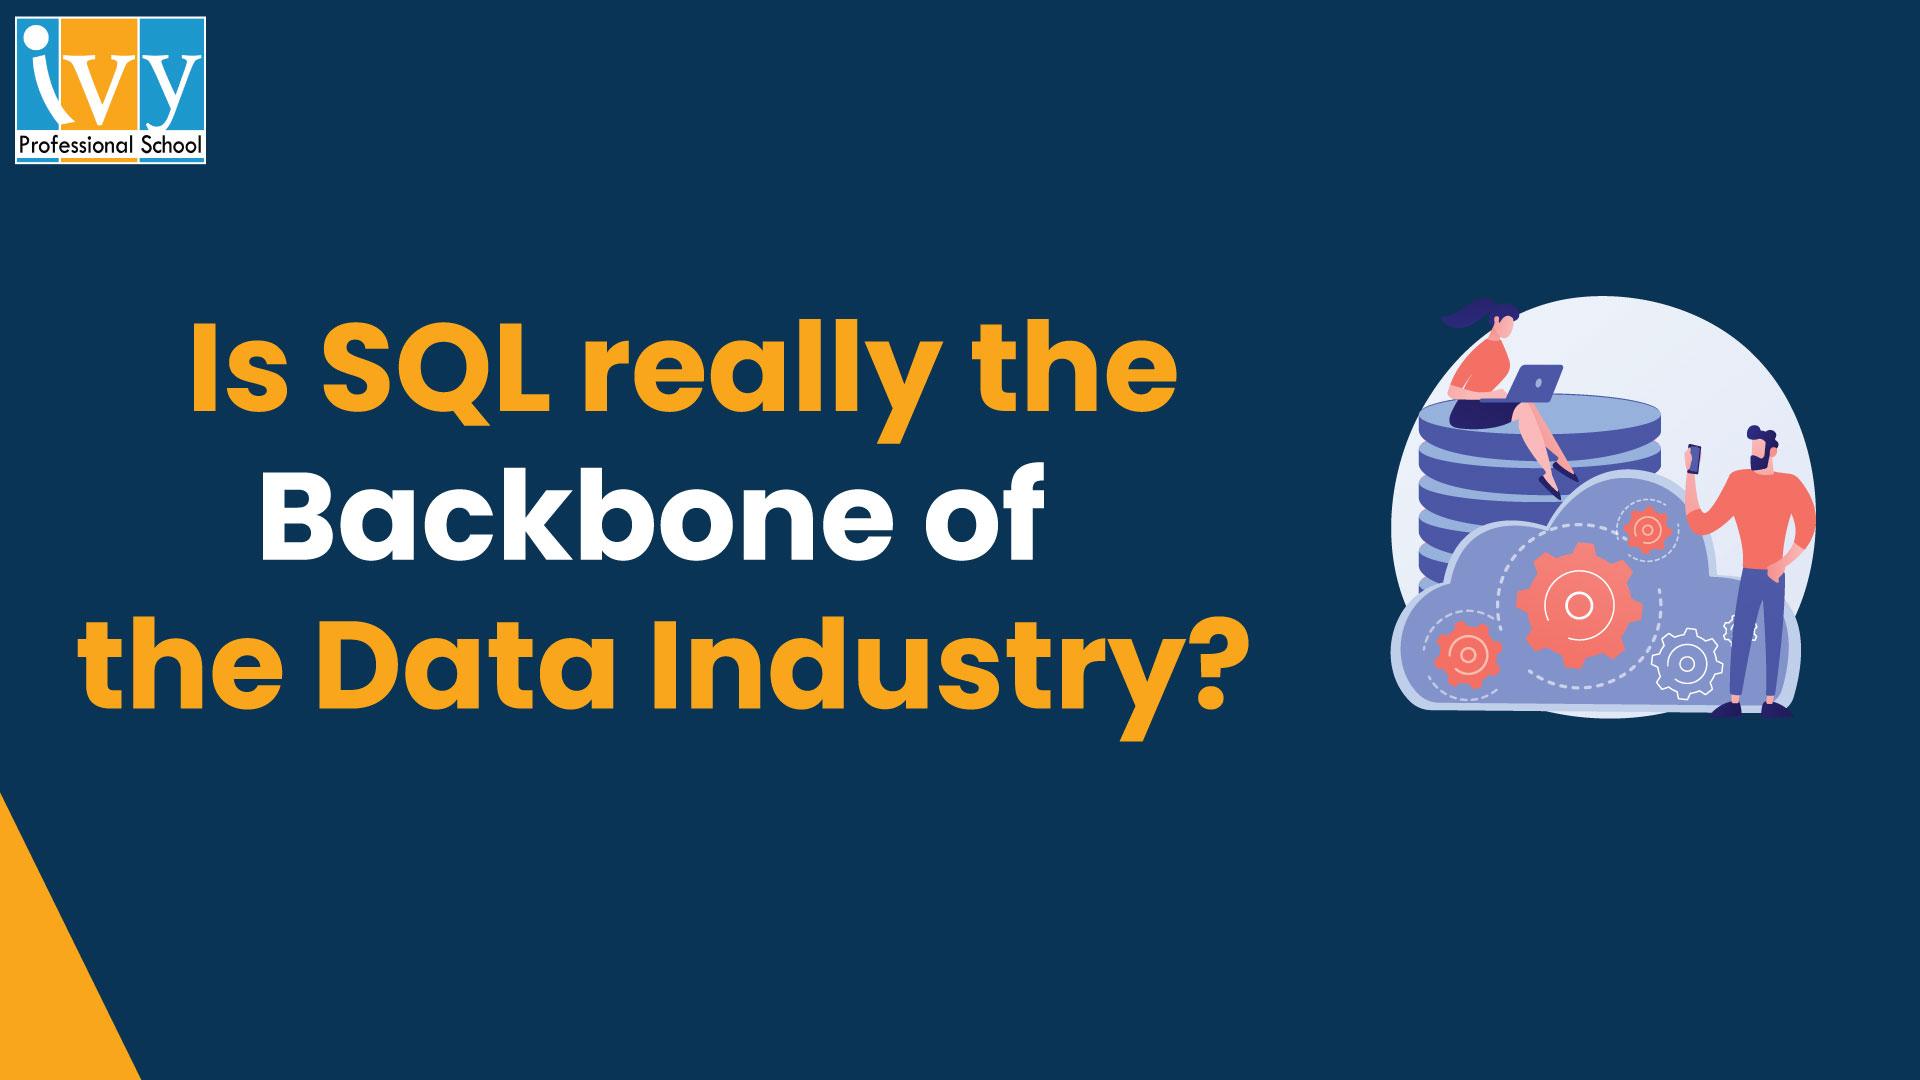 SQL in data science - Ivy Pro School